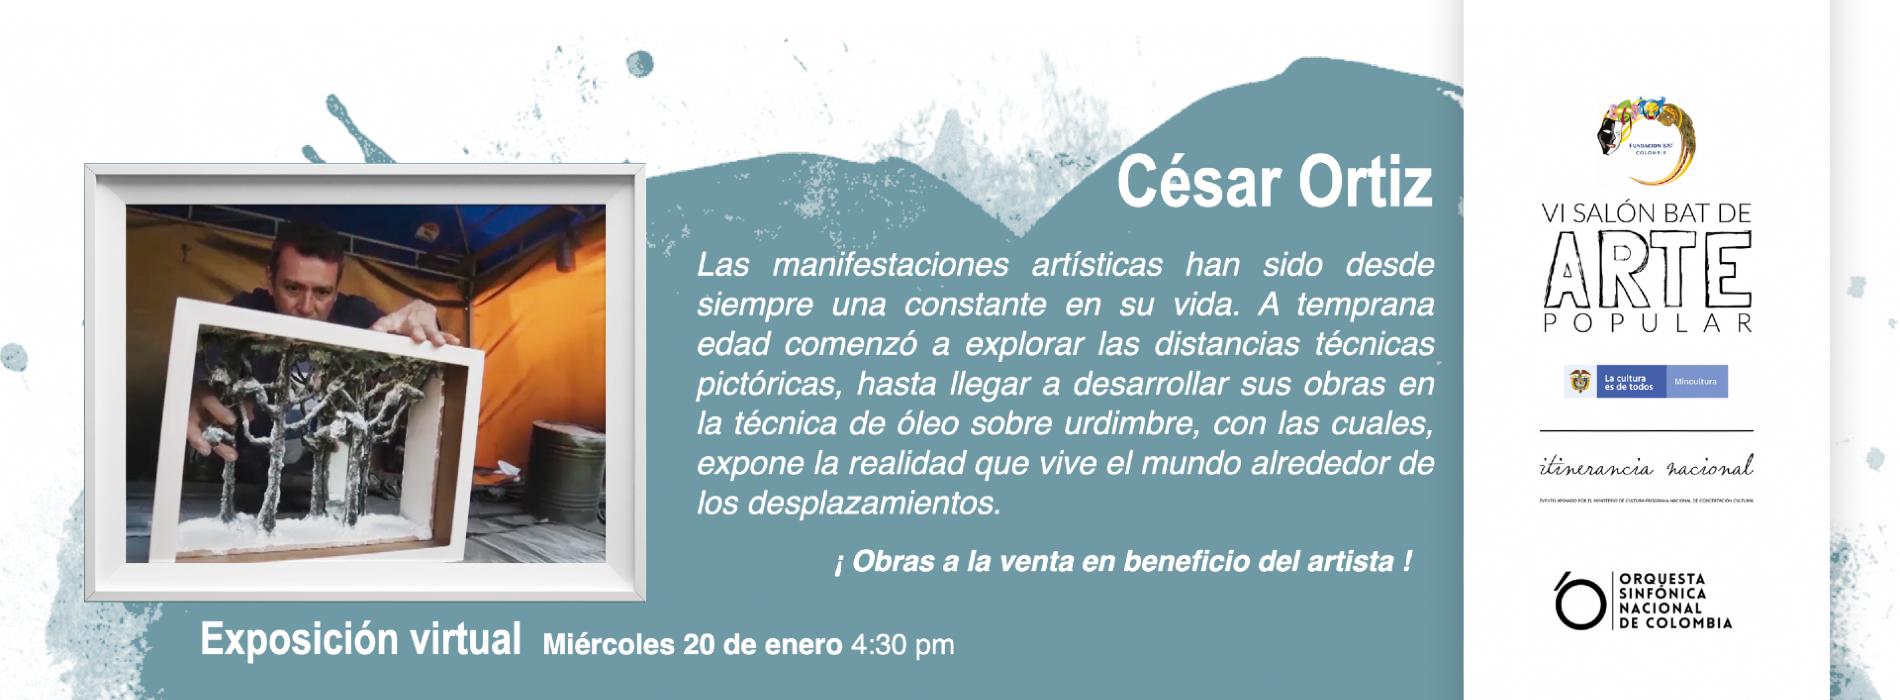 Exposición virtual César Ortíz